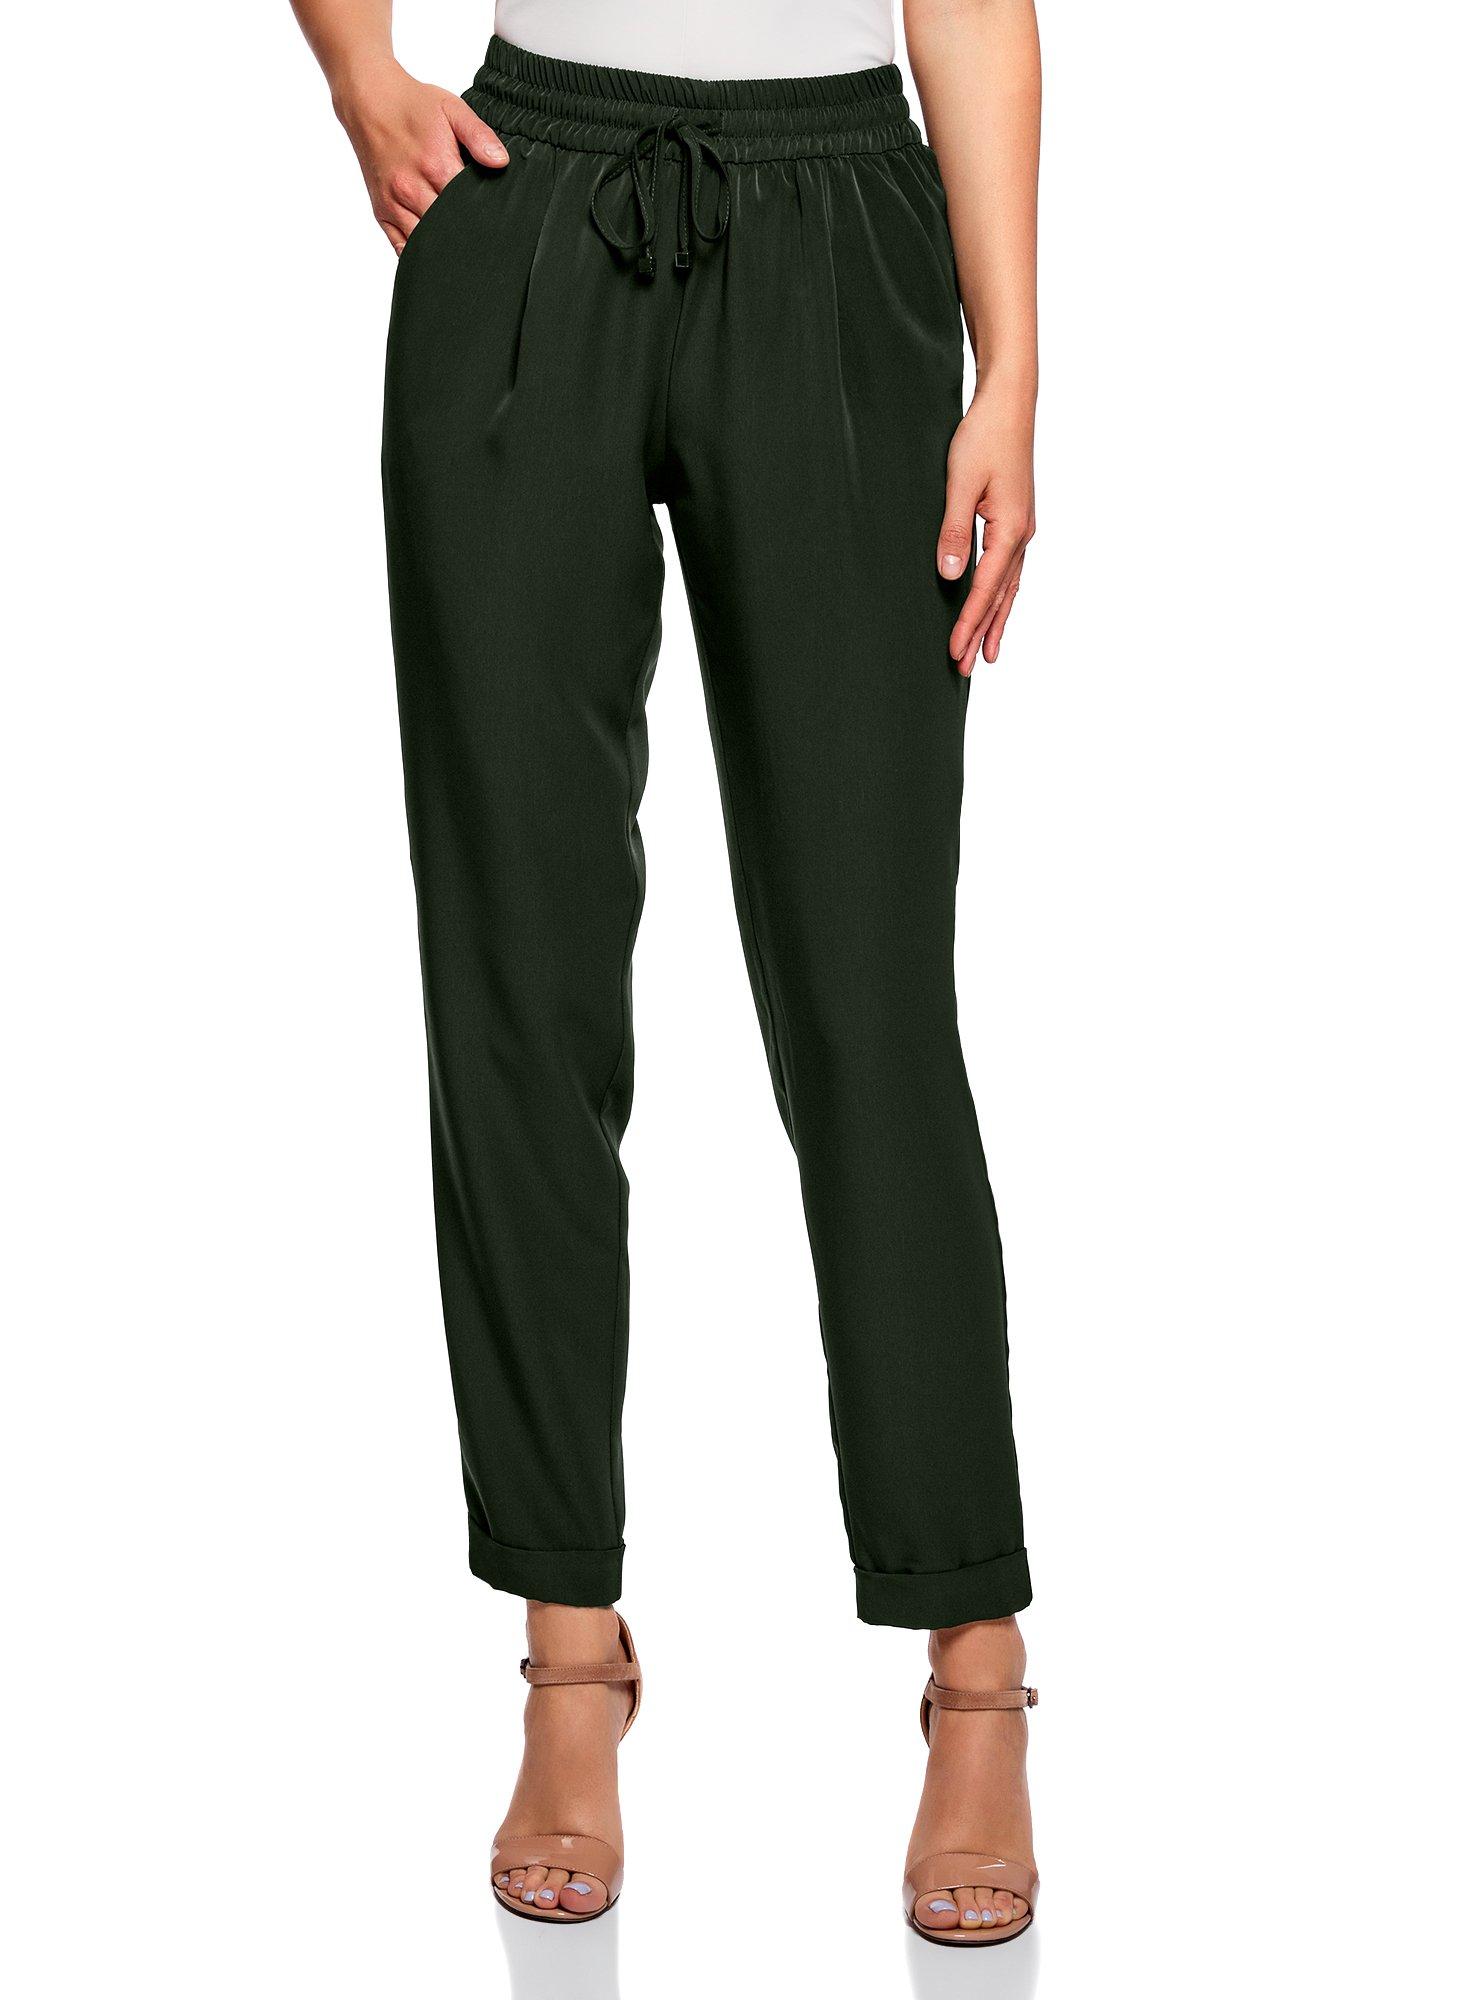 Femme Pantalon Léger en Tissu Fluide